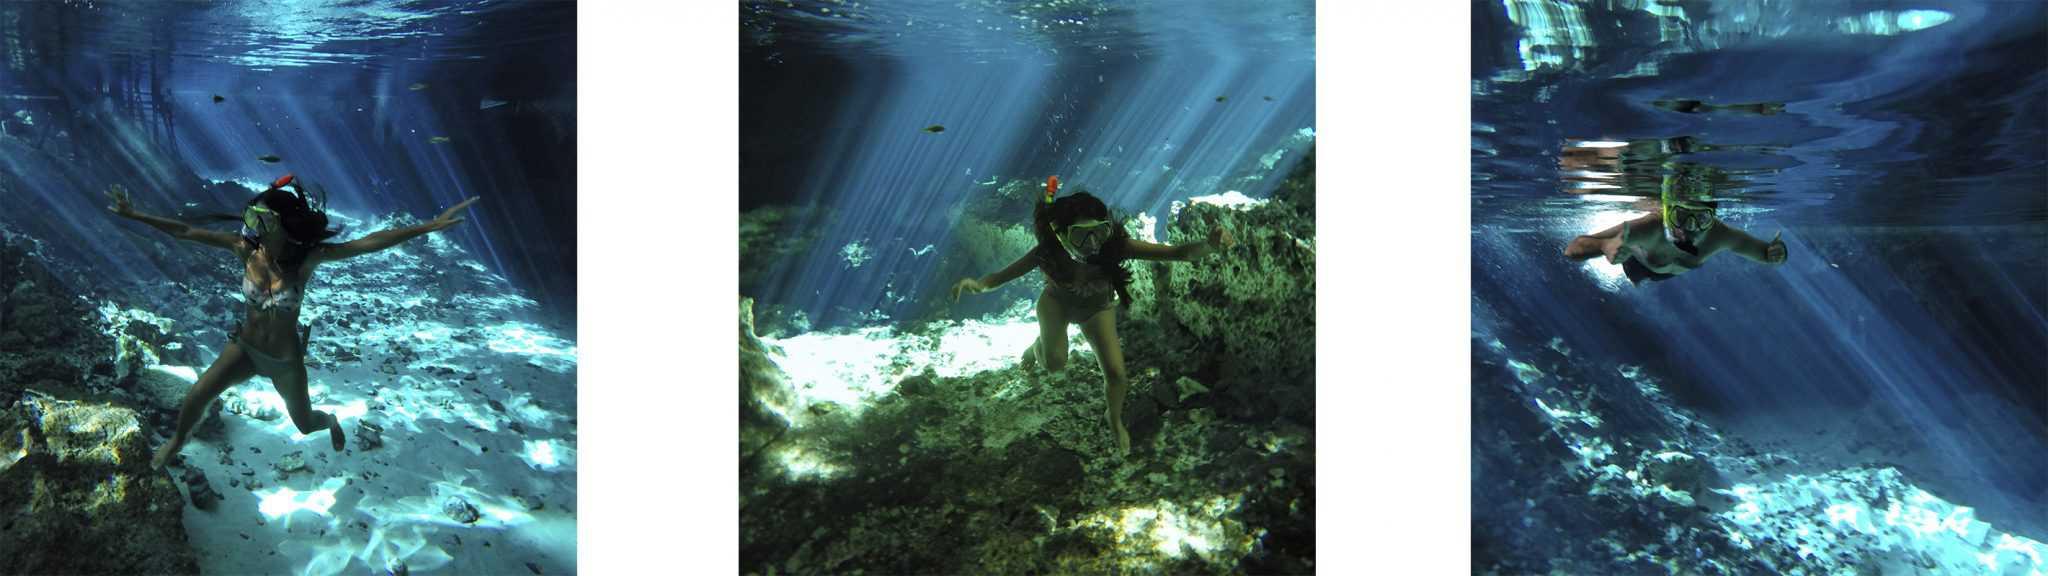 Tulum - Cenote Dos ojos